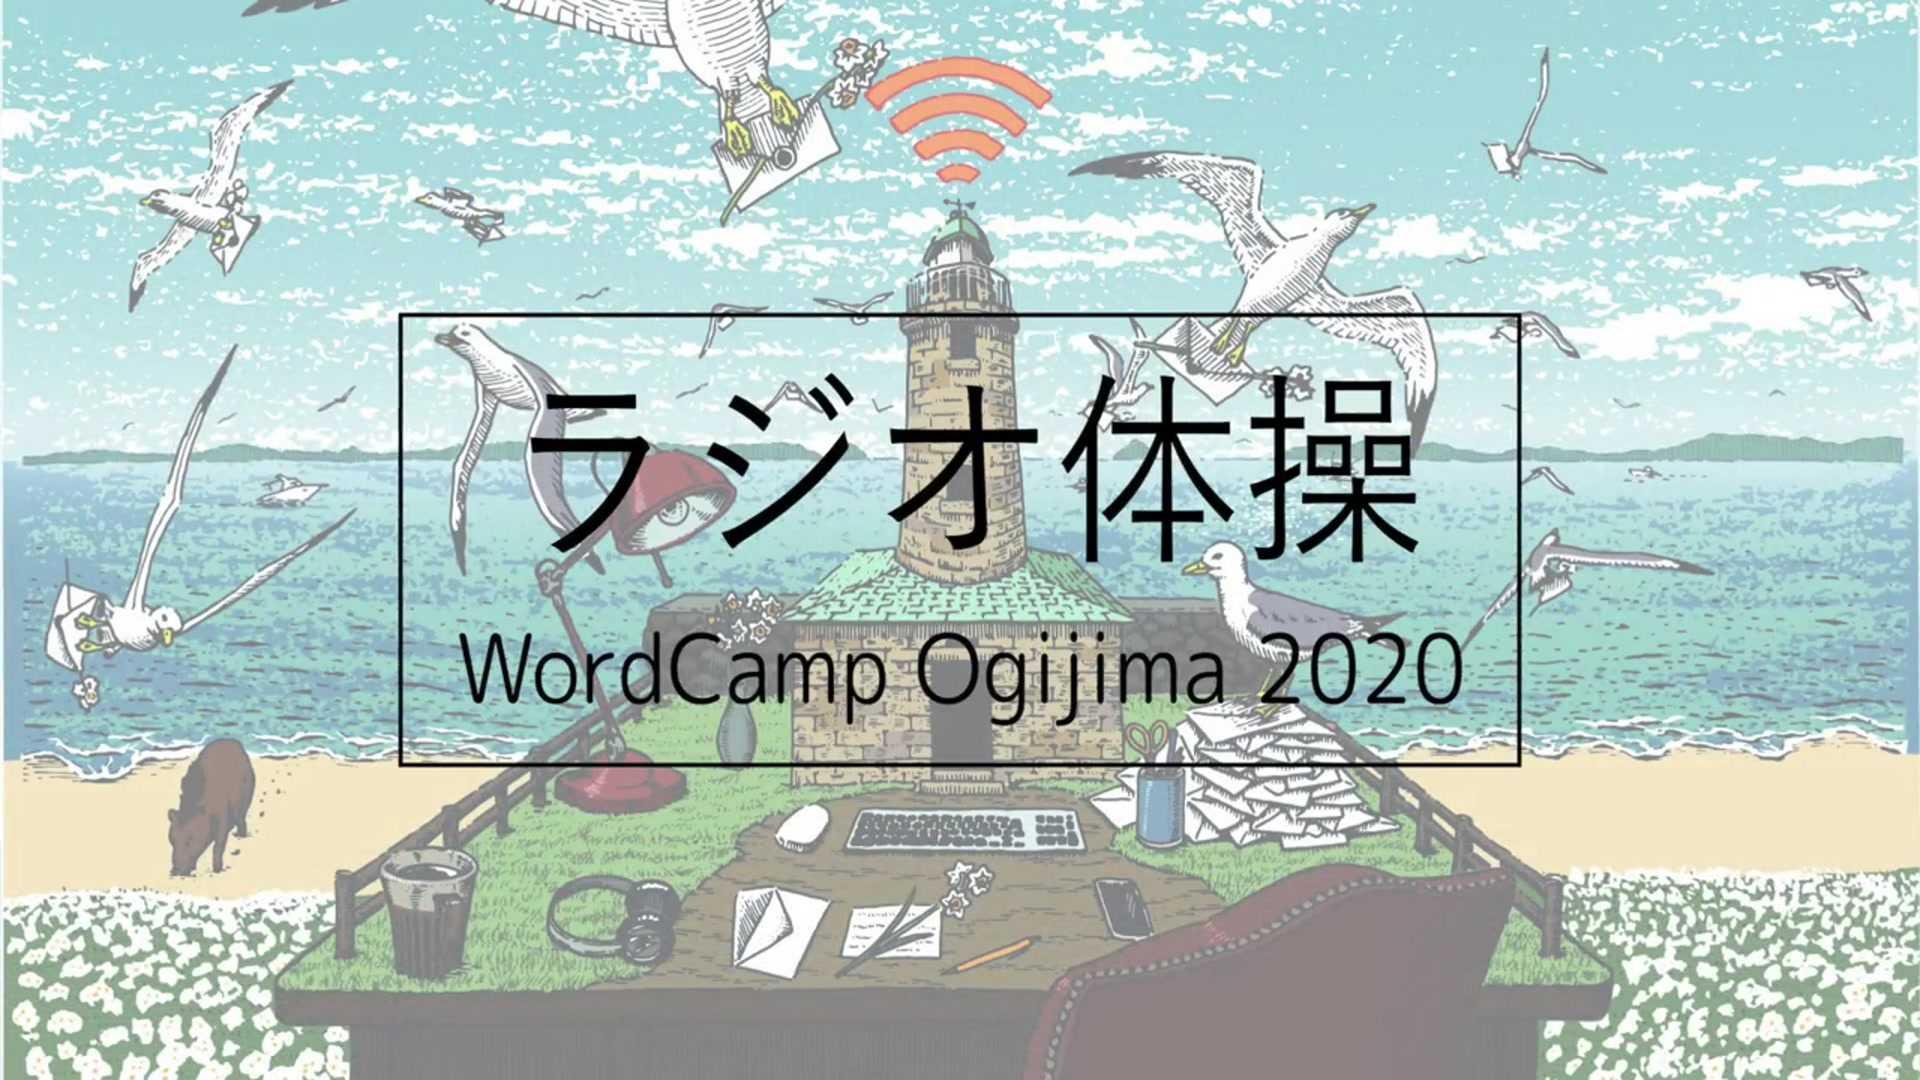 額賀順子, KOUNO Chiaki, おゆき, Shusei Toda, カワニシノリユキ, しずみ, みうらさよこ, サイキ, 中谷智美, シマキョウスケ: みんなで身体を動かそう!ラジオ体操 WordCamp Ogijima 2020